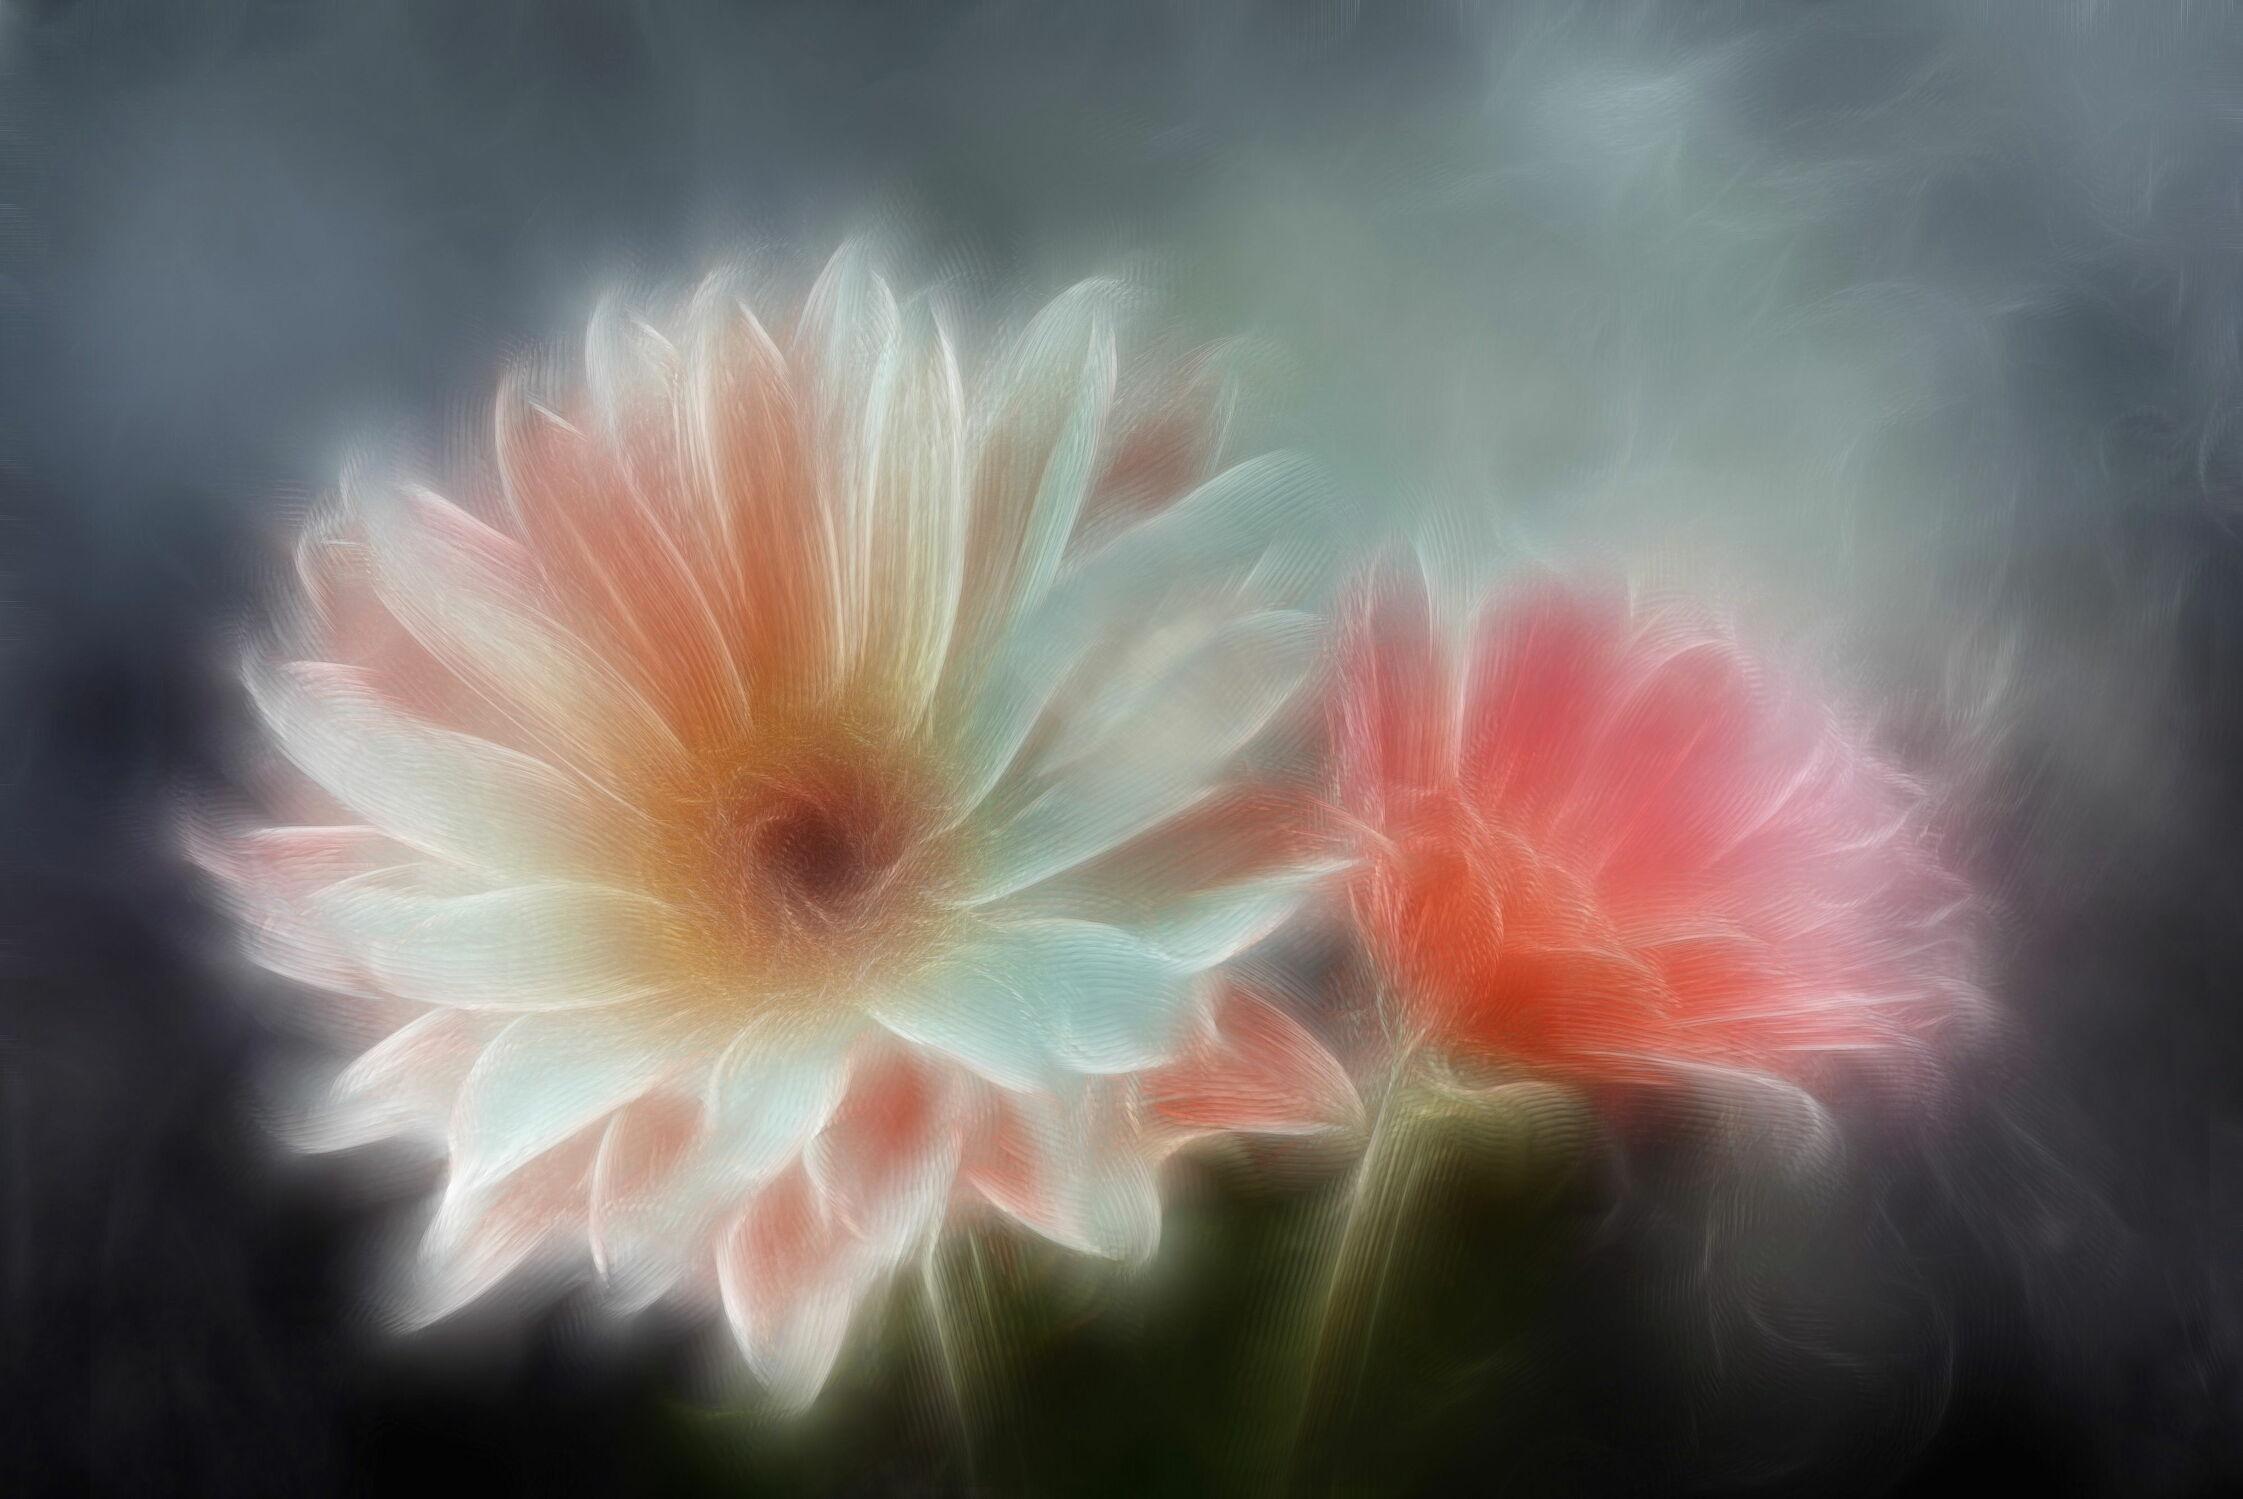 Bild mit Blumen, Blume, Pflanze, Pflanze, Margeriten, Margerite, Floral, Stilleben, Blüten, Florales, blüte, weich, soft